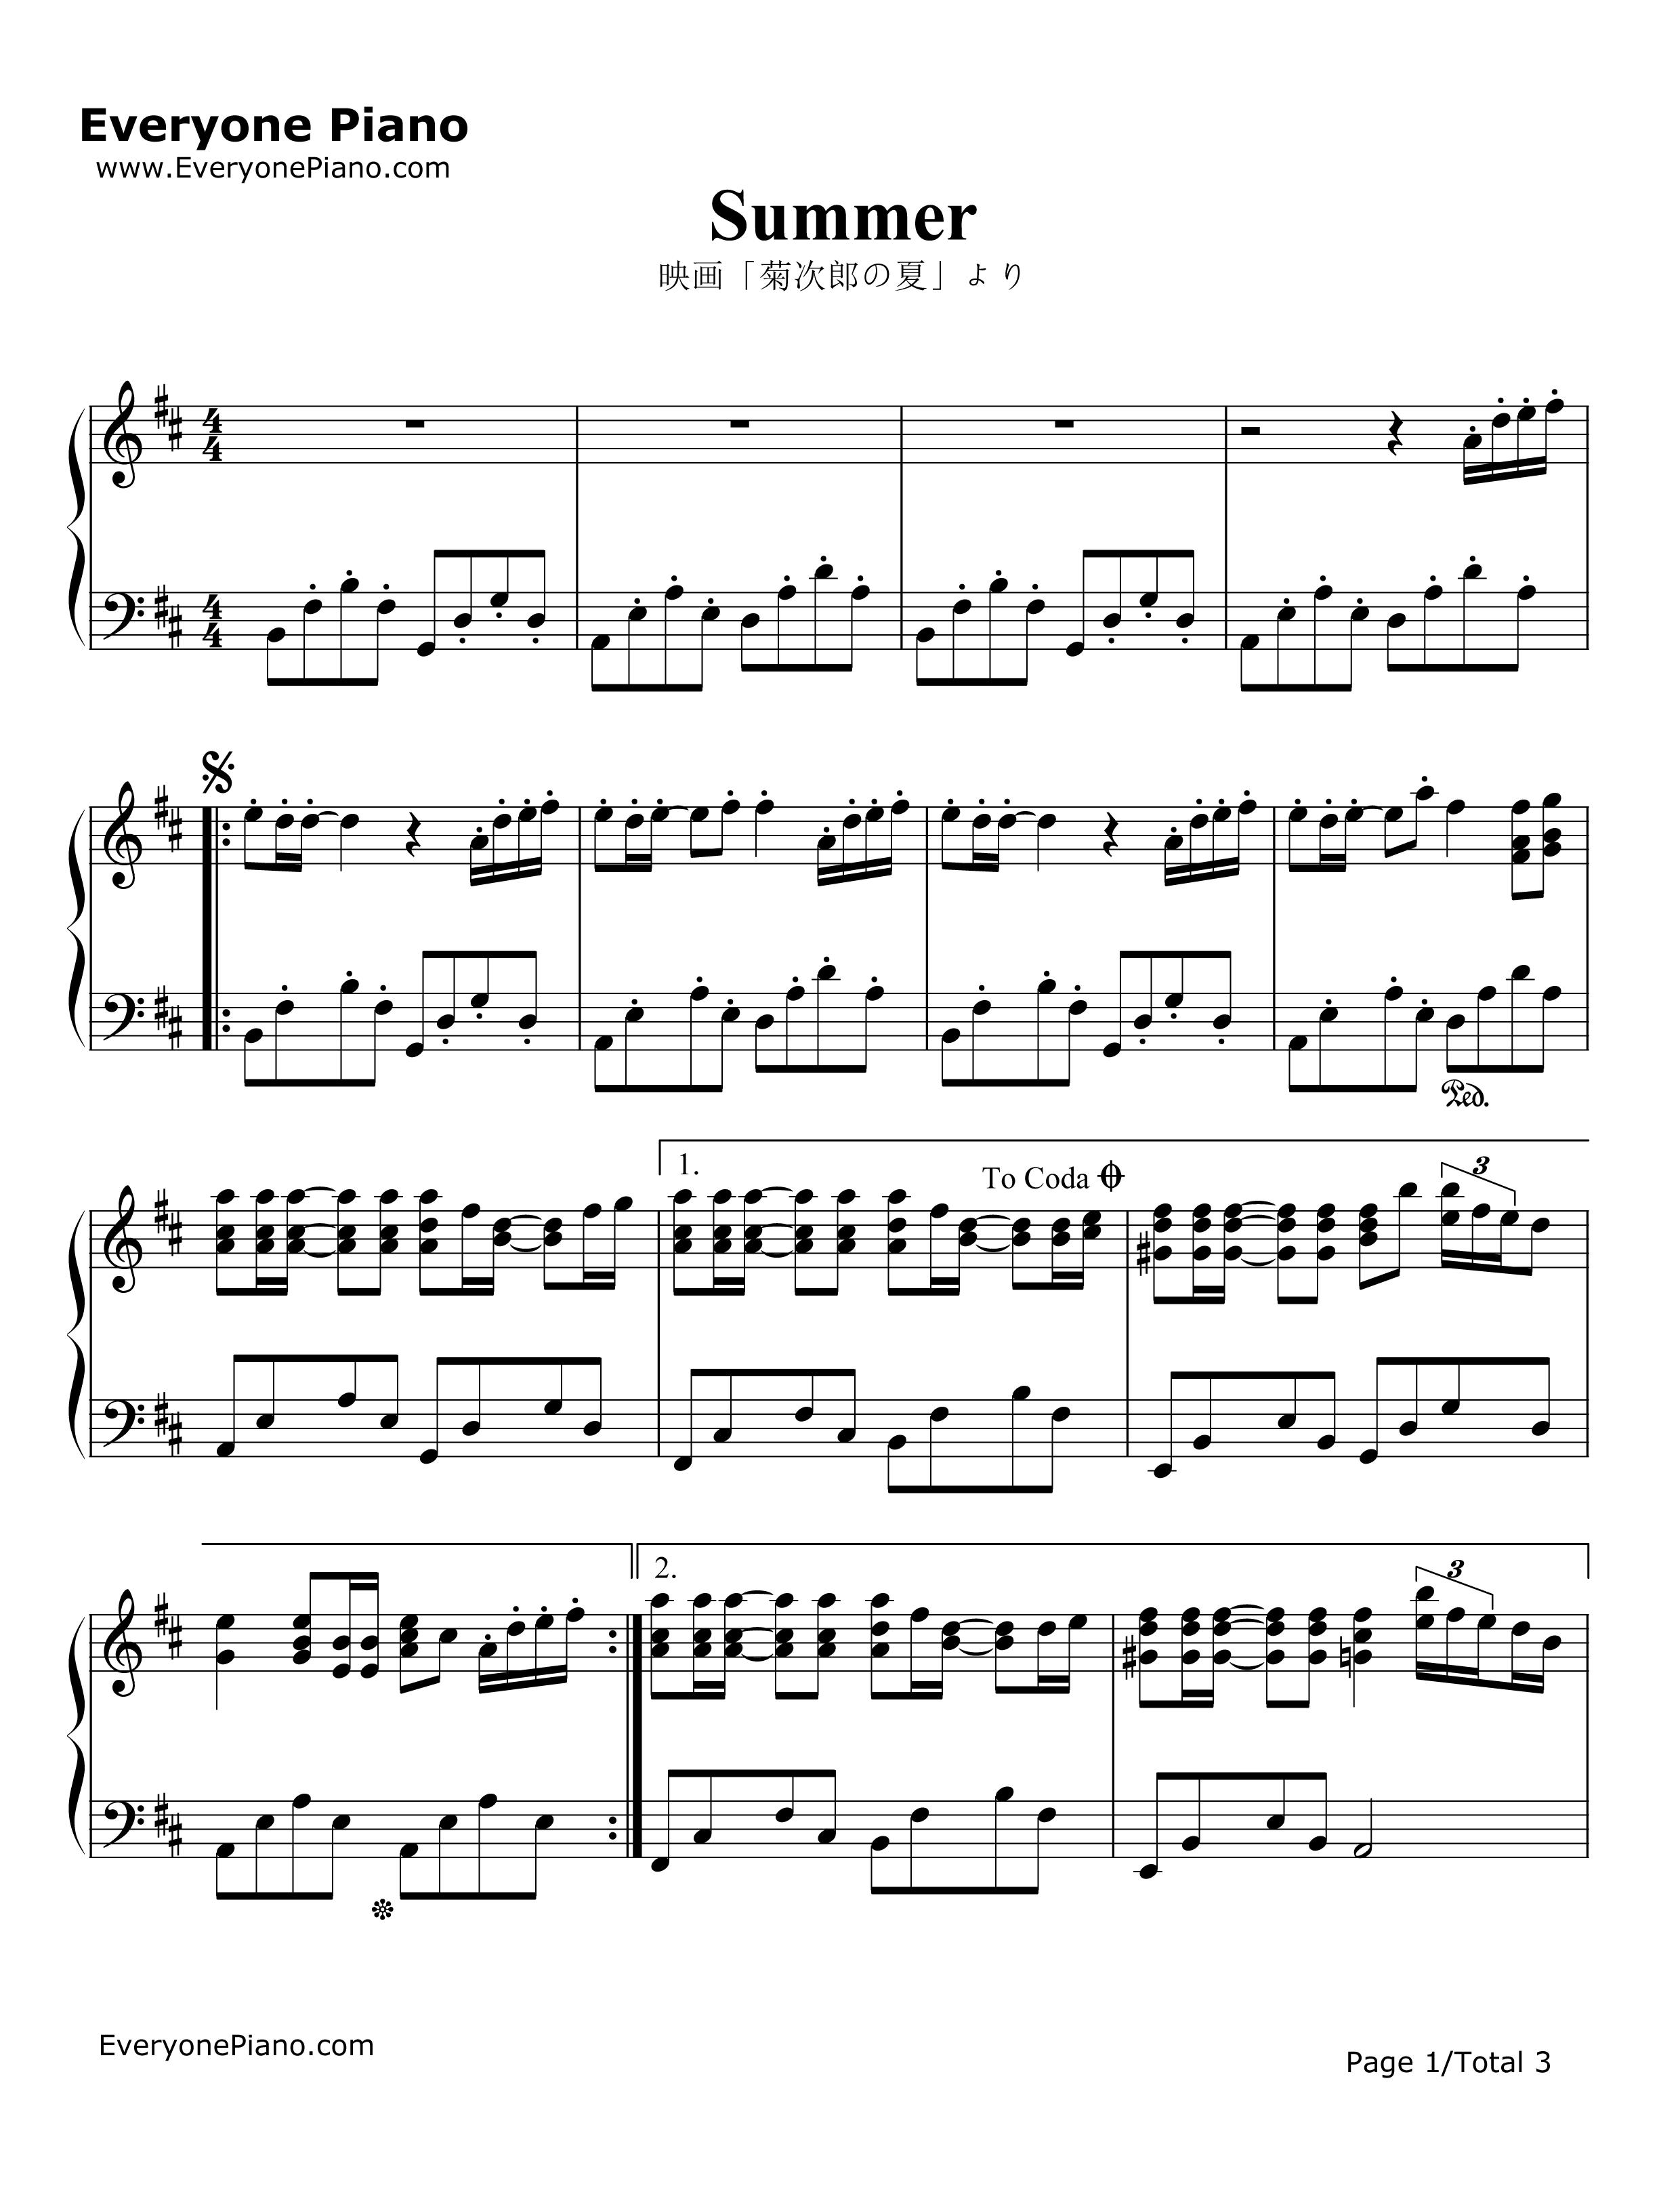 钢琴曲谱 经典 菊次郎的夏天-summer 菊次郎的夏天-summer五线谱预览1